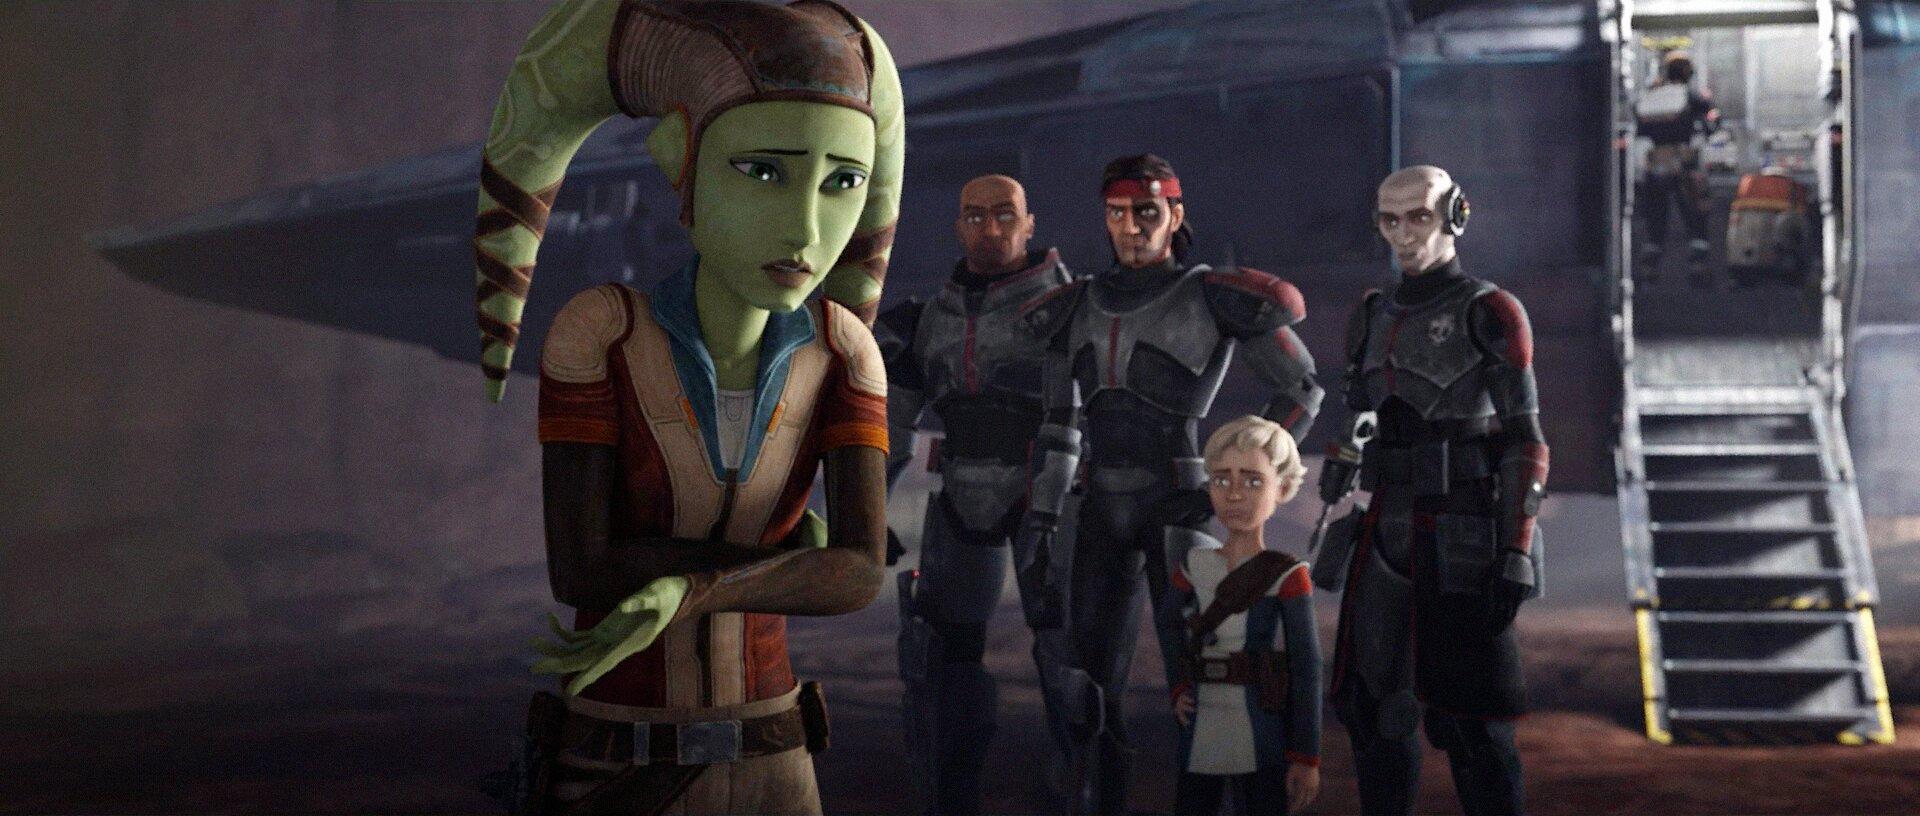 Звёздные войны: Бракованная партия — s01e12 — Rescue on Ryloth